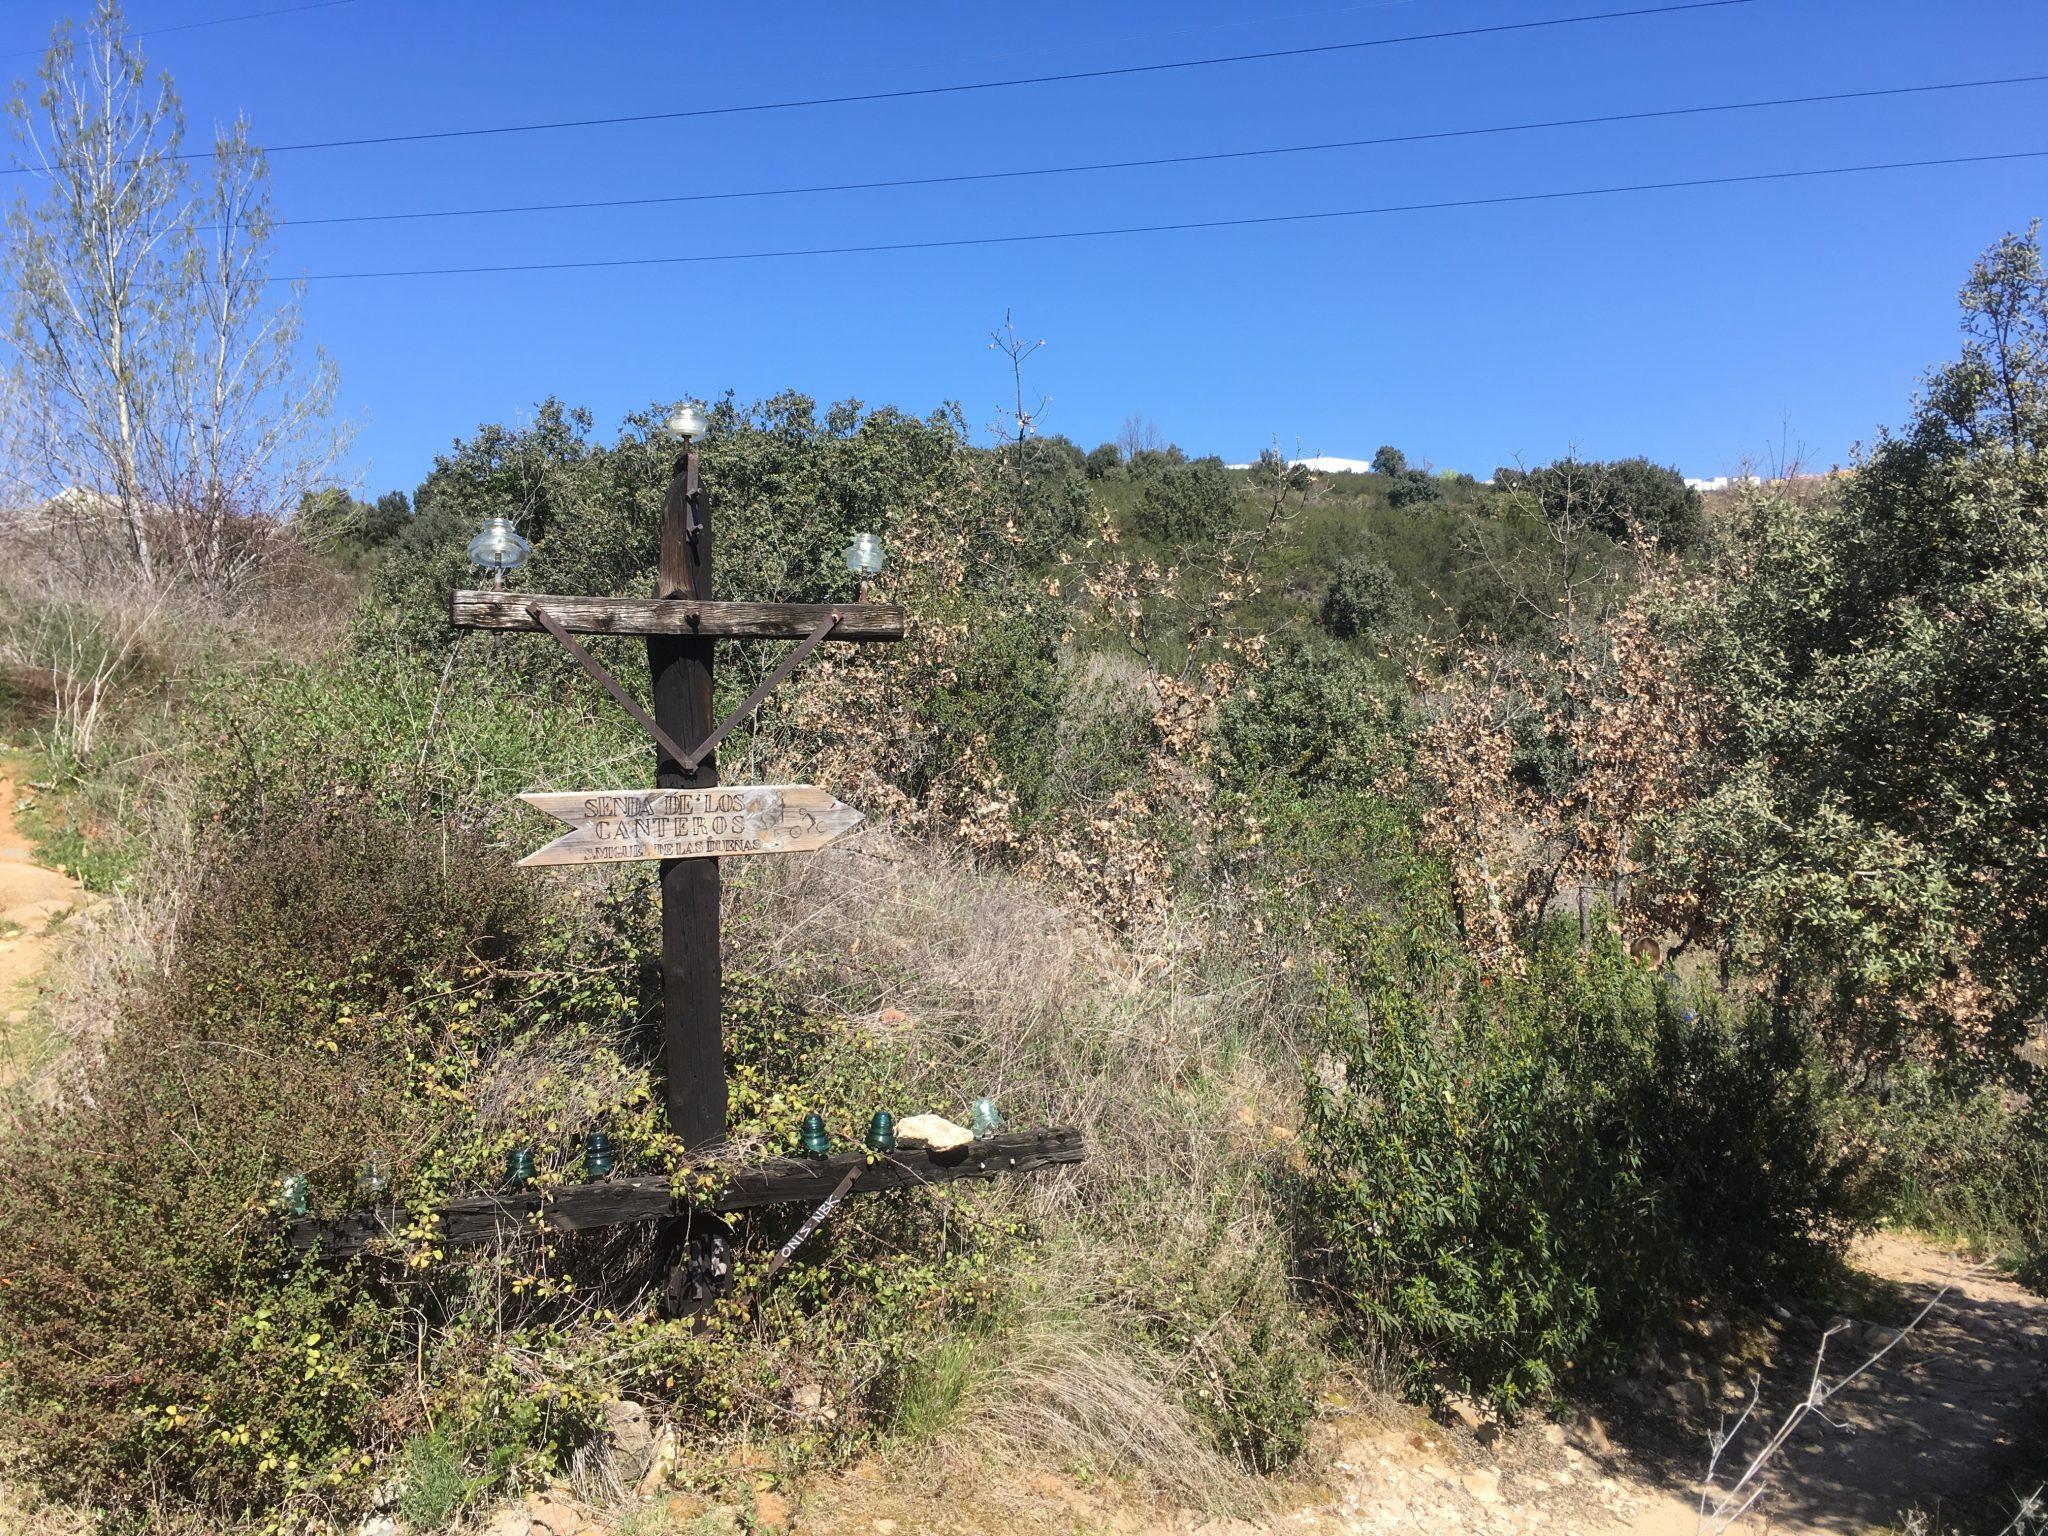 Senda de los Canteros. De Ponferrada a San Miguel de las Dueñas por la ribera del Boeza 2